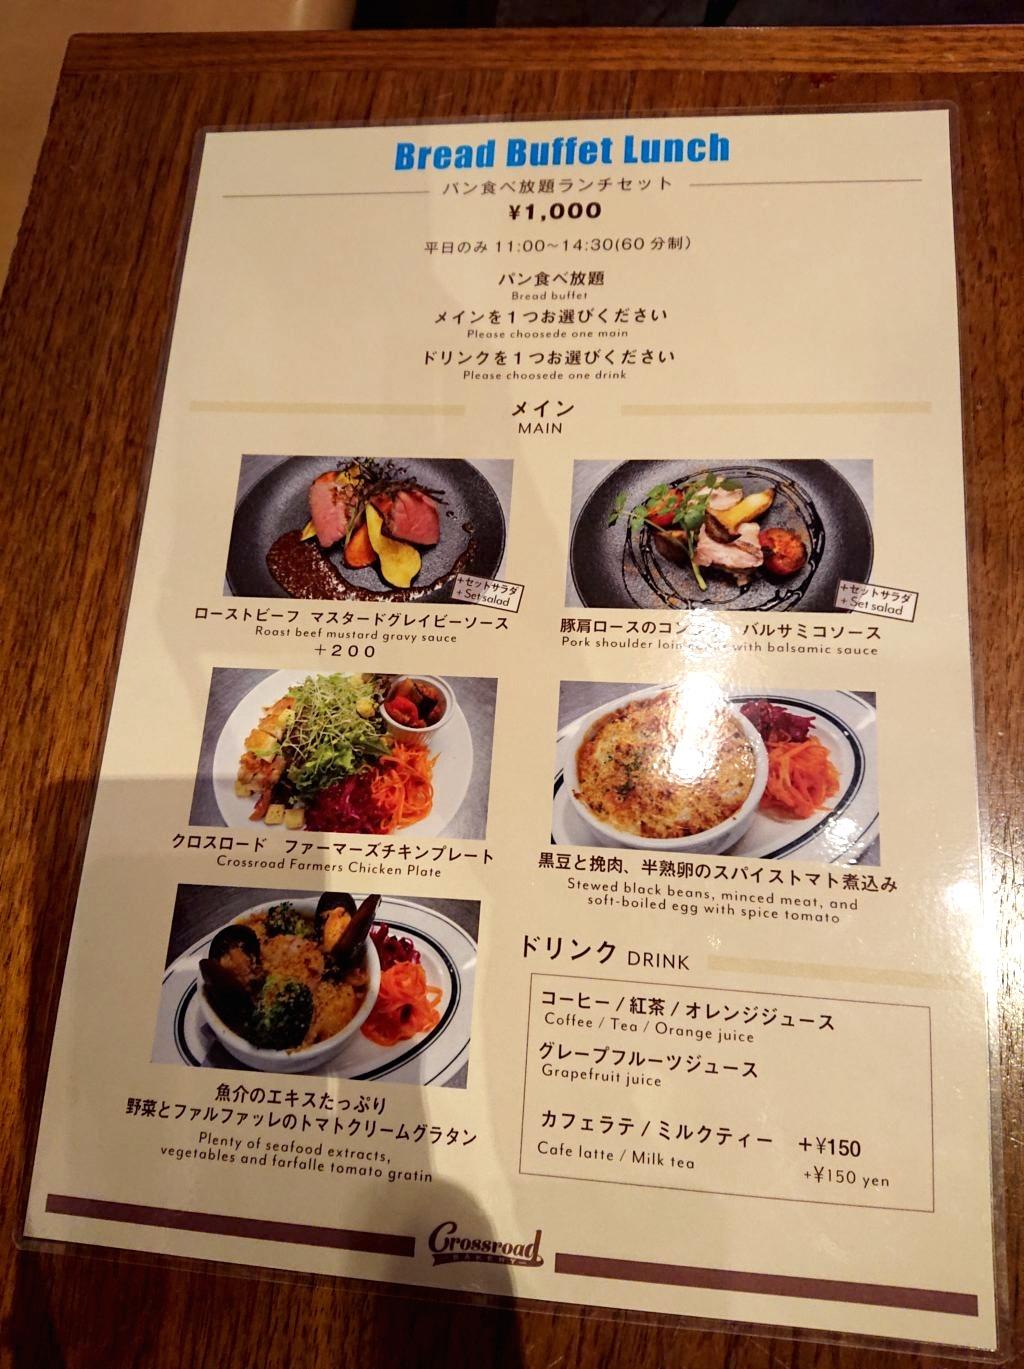 クロスロード ベーカリー 恵比寿本店 (Crossroad bakery)  パン食べ放題メニュー